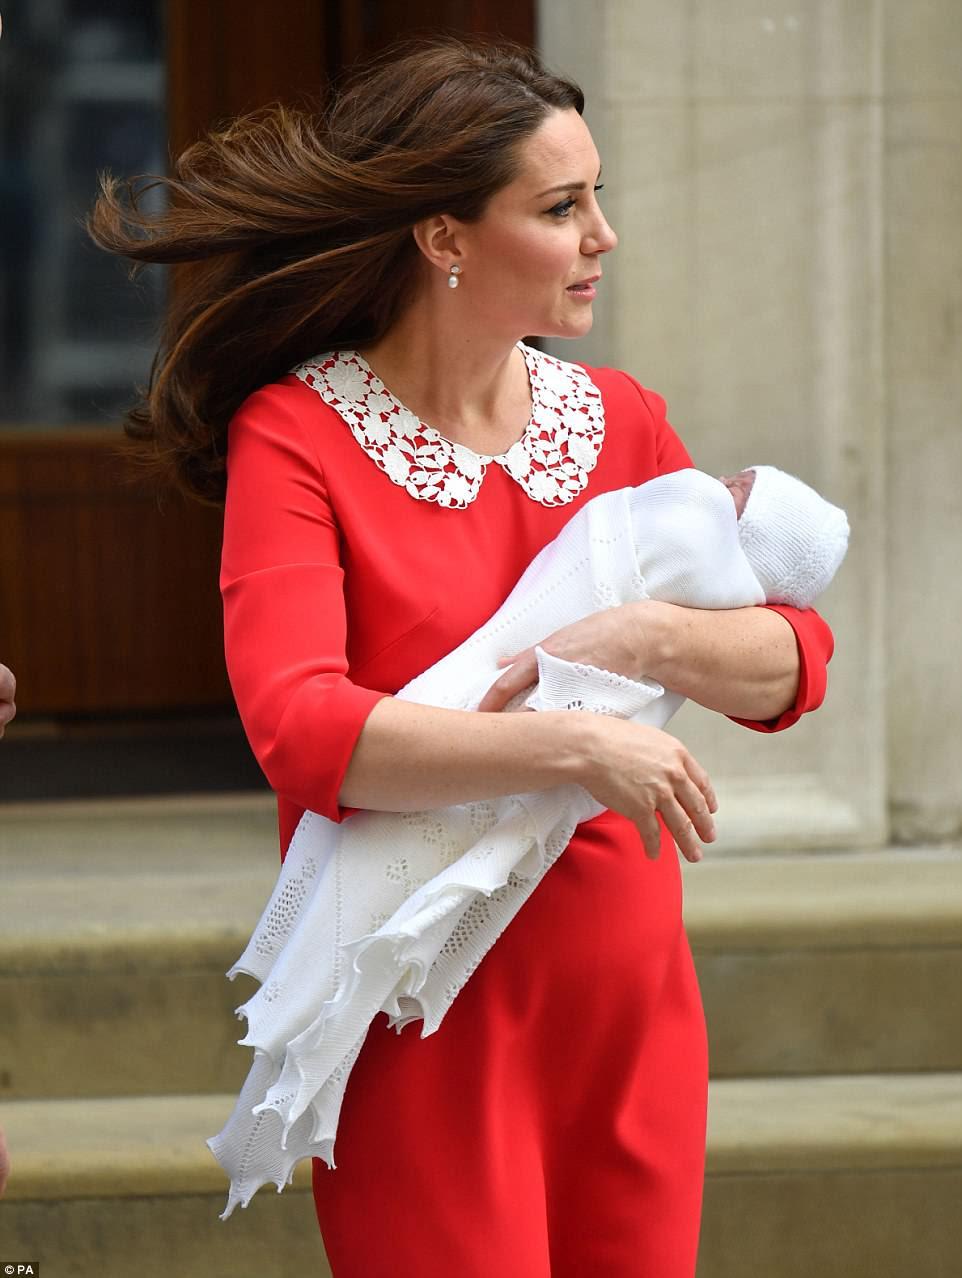 La delicada manta tejida del bebé coincidía con su sombrero de punto